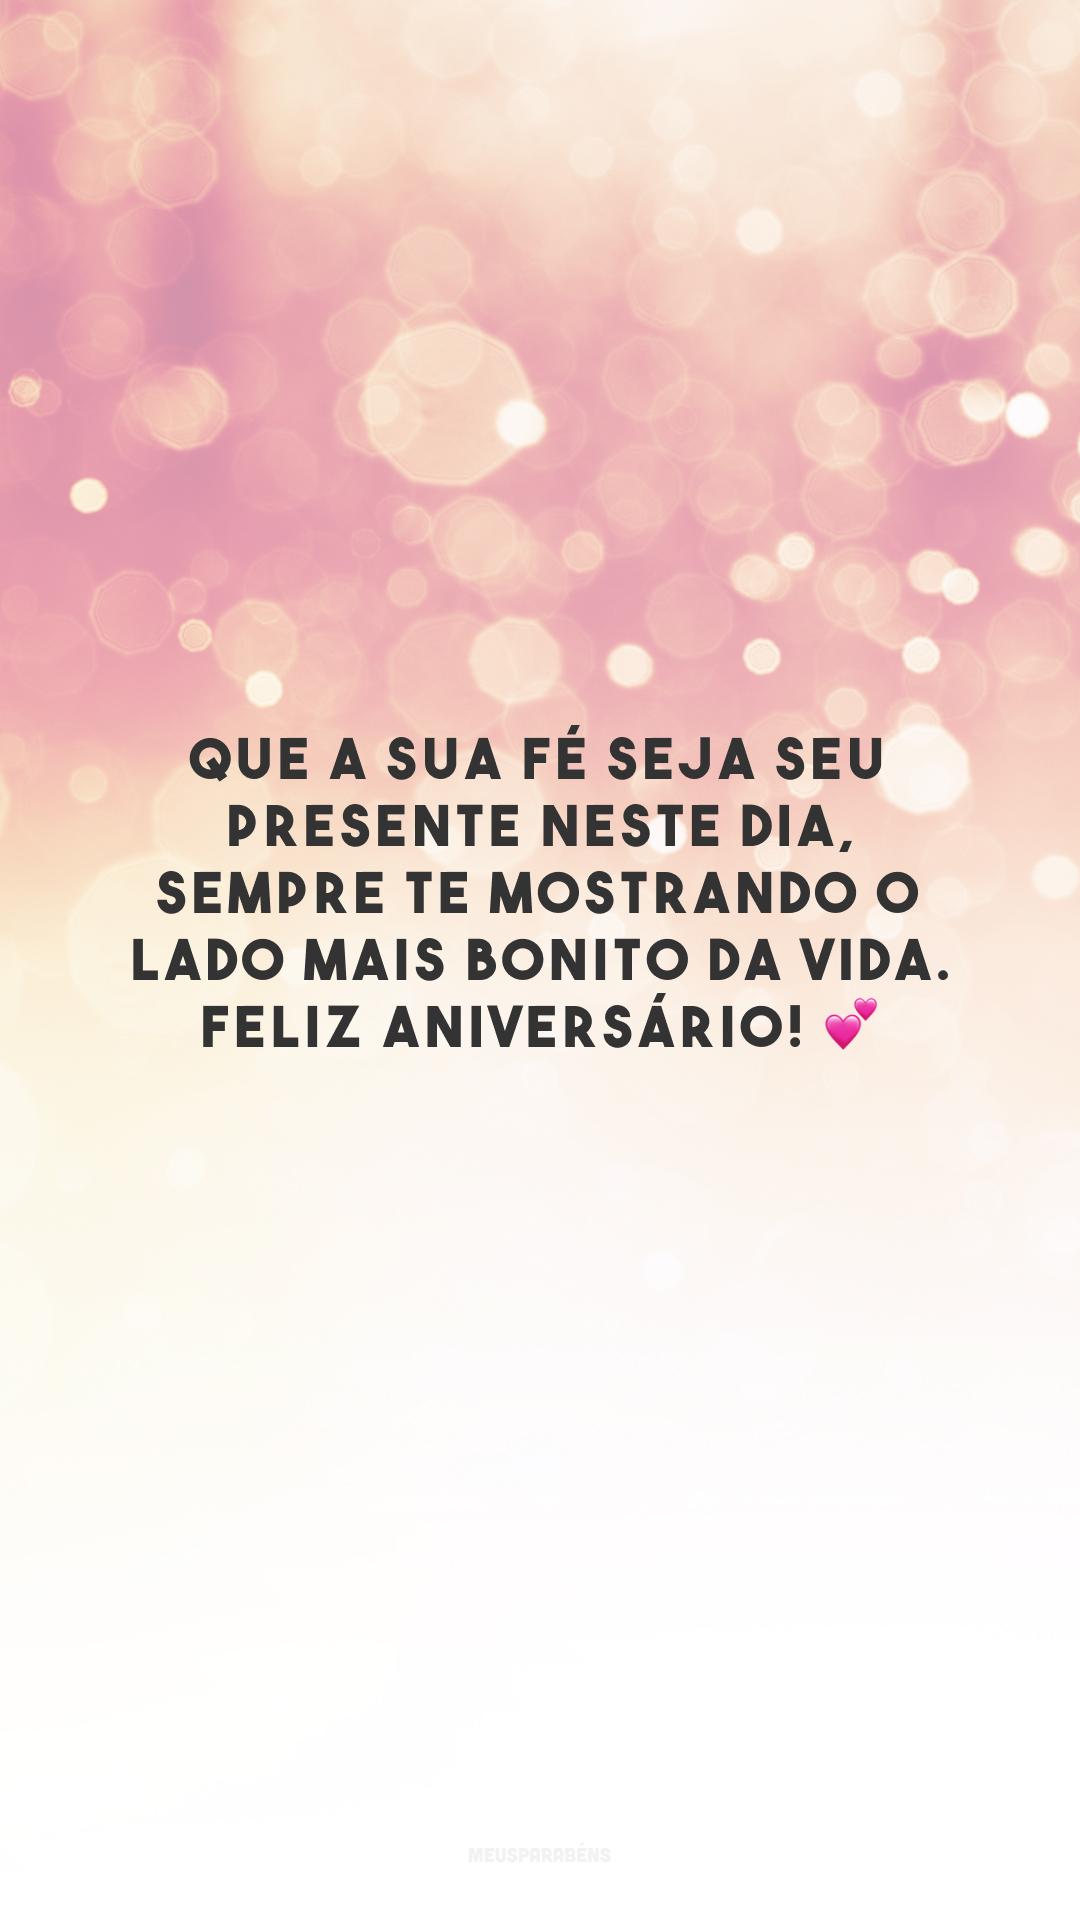 Que a sua fé seja seu presente neste dia, sempre te mostrando o lado mais bonito da vida. Feliz aniversário! 💕